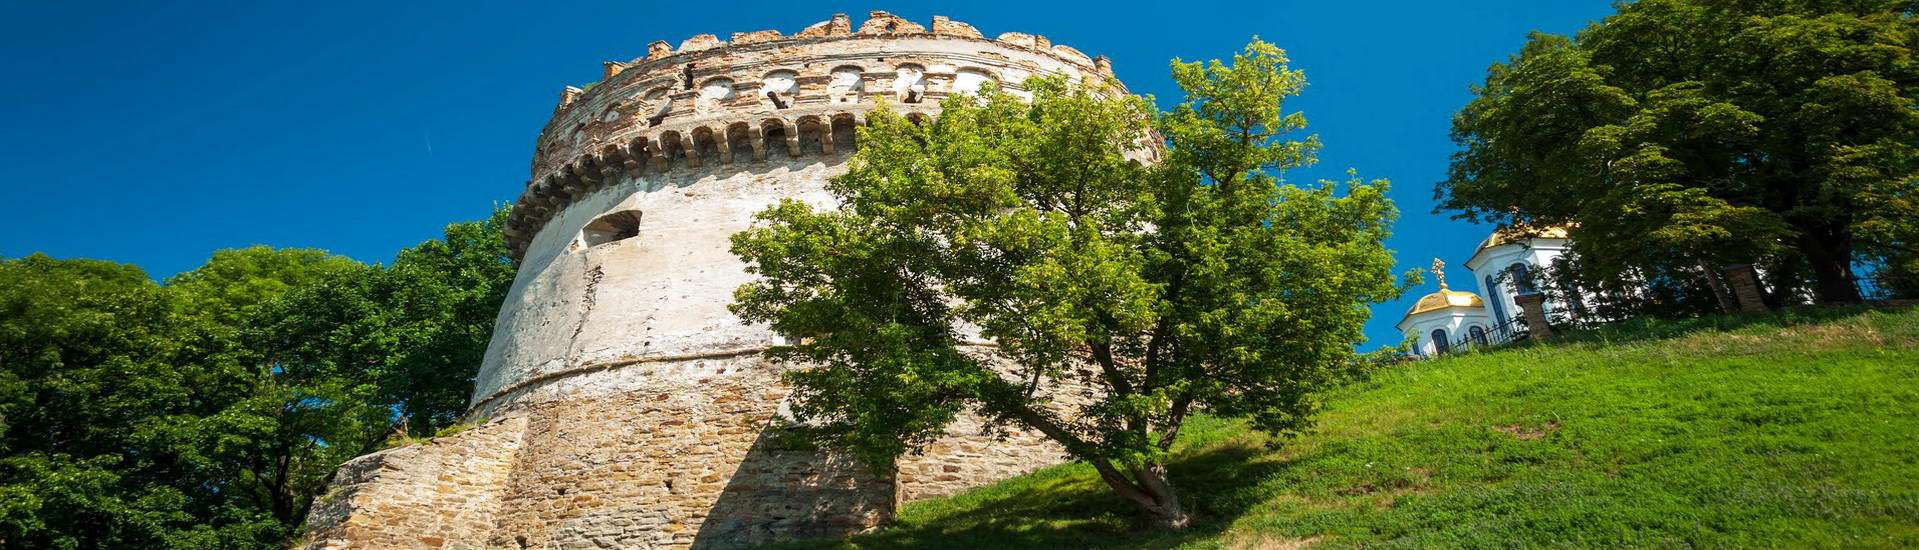 Рівненська область, Острозький замок